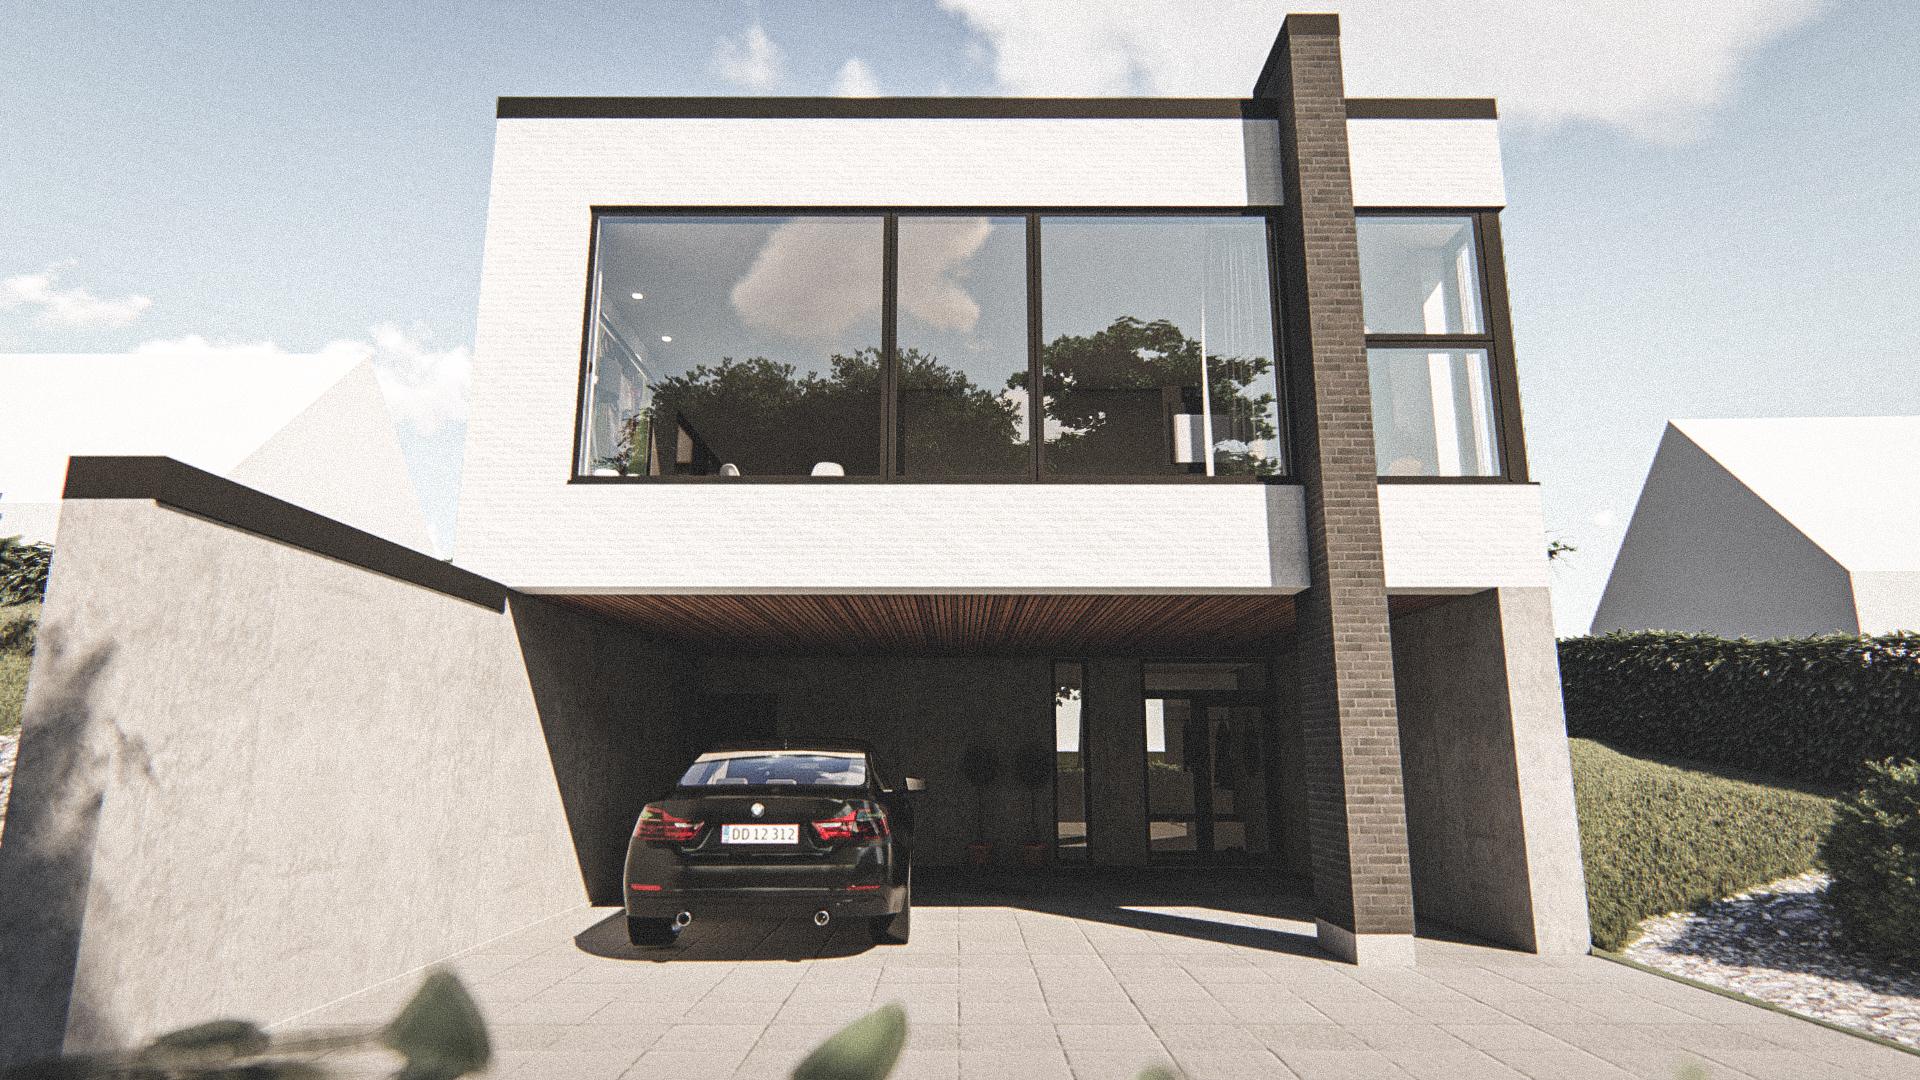 Billede af Dansk arkitekttegnet 2 plan villa af arkitektfirmaet m2plus, i Viborg på 178 kvartratmeter.